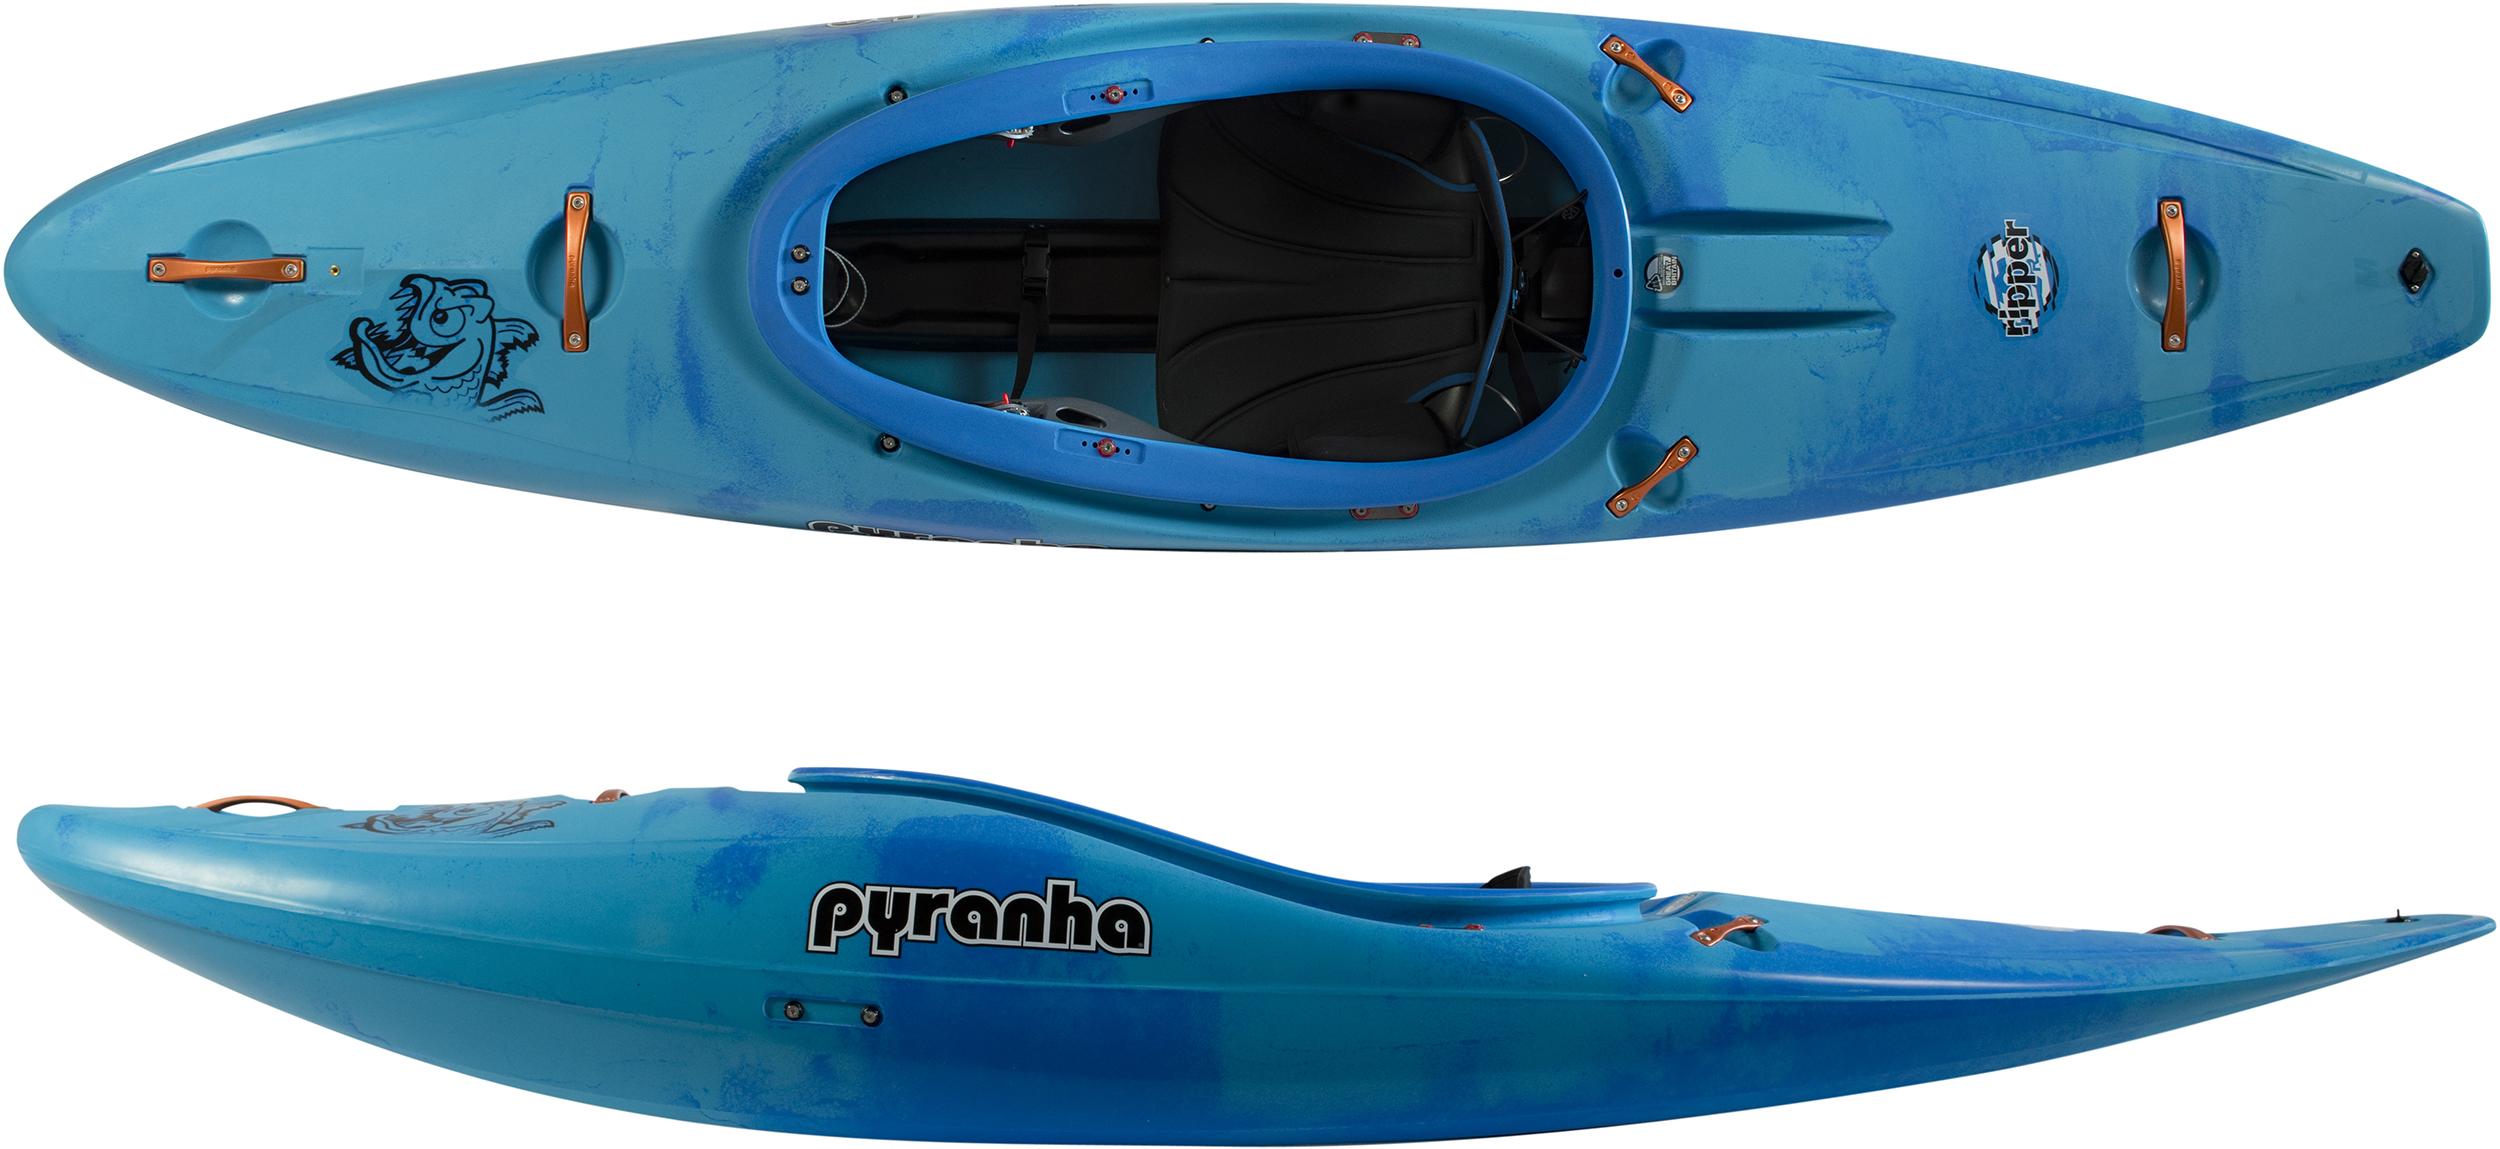 Kayaks | MEC